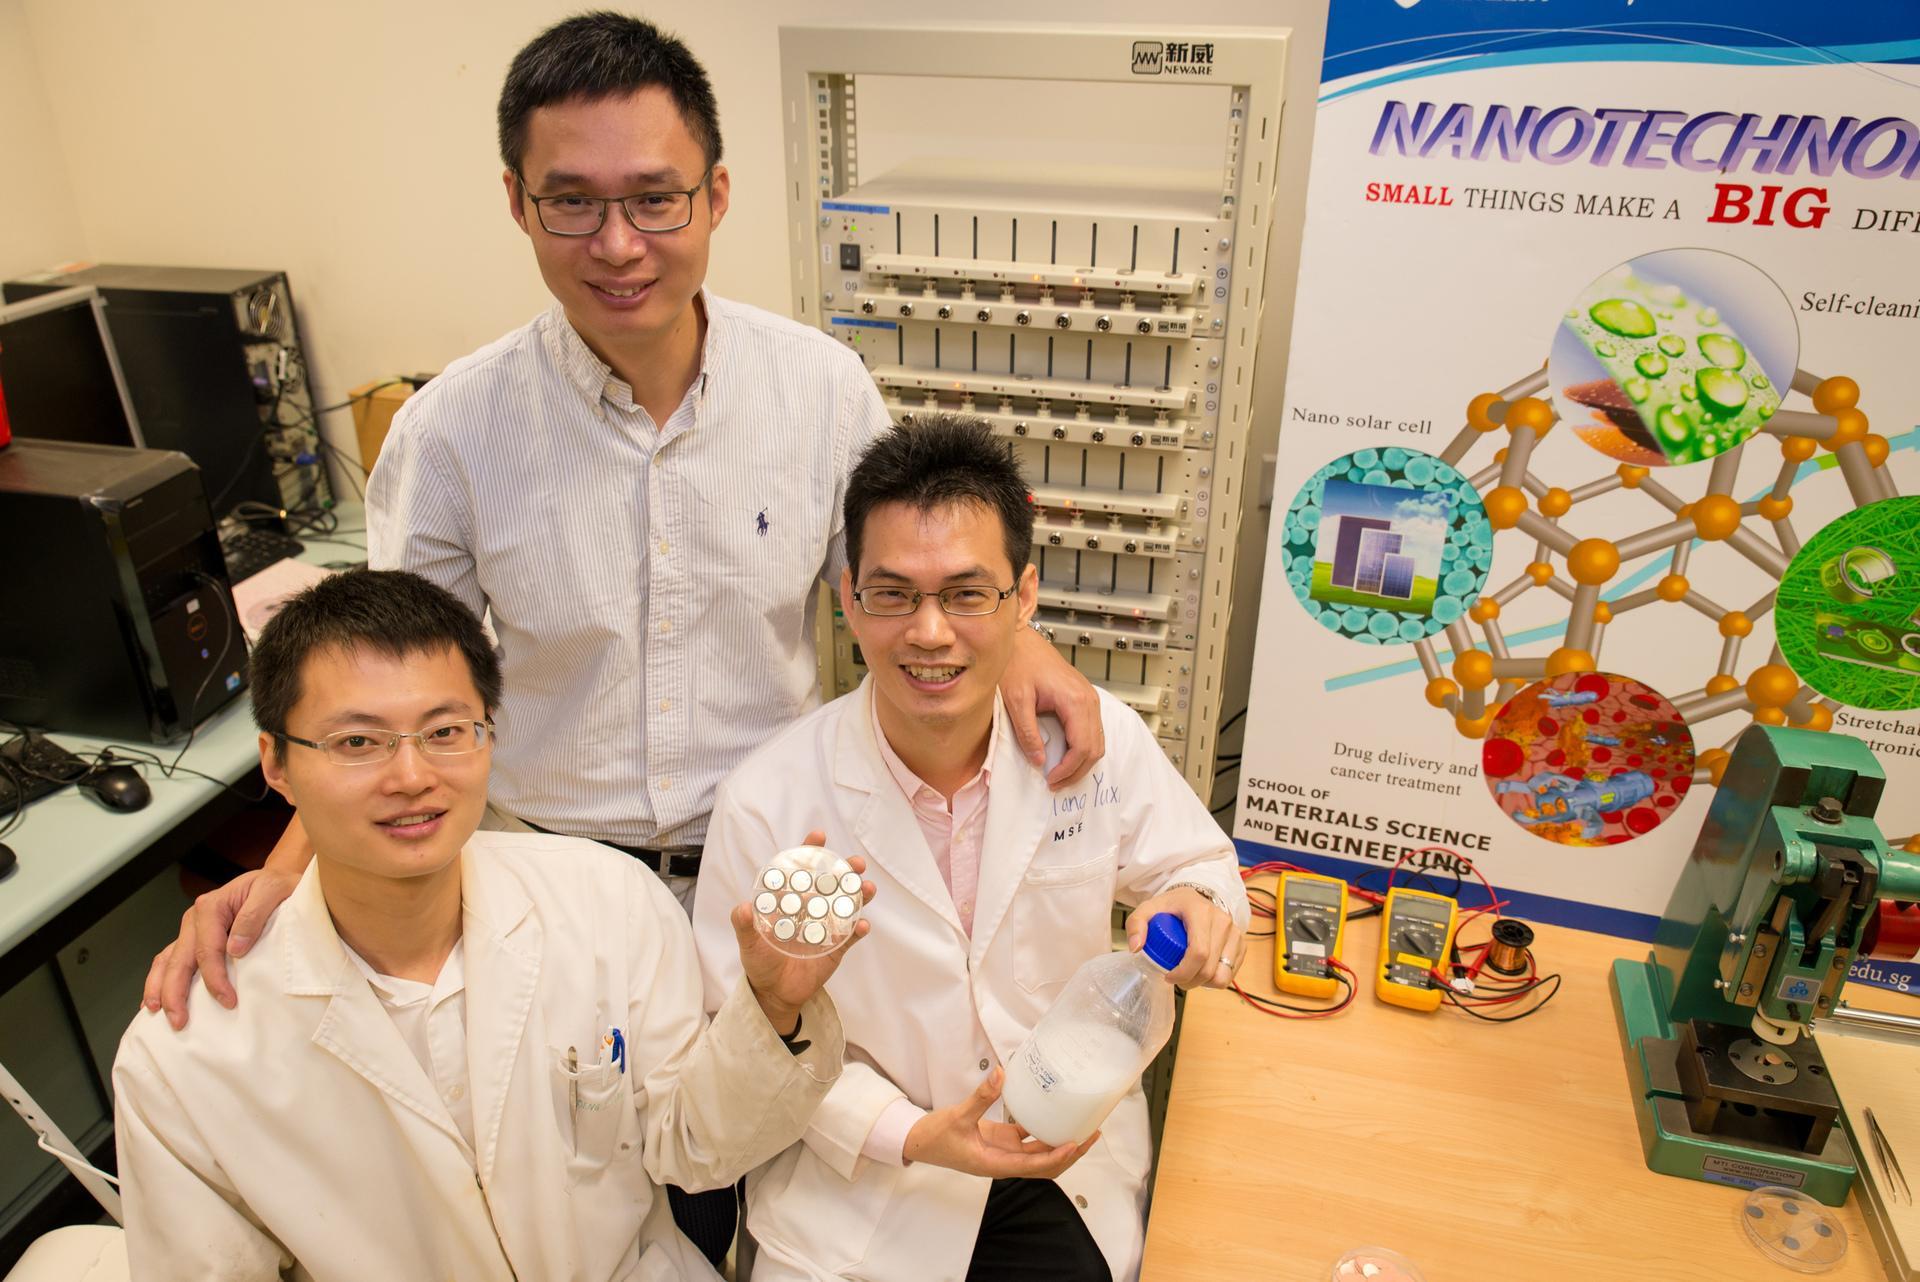 Ученые из Сингапура изобрели батарею, которая за 2 минуты заряжается на 70%